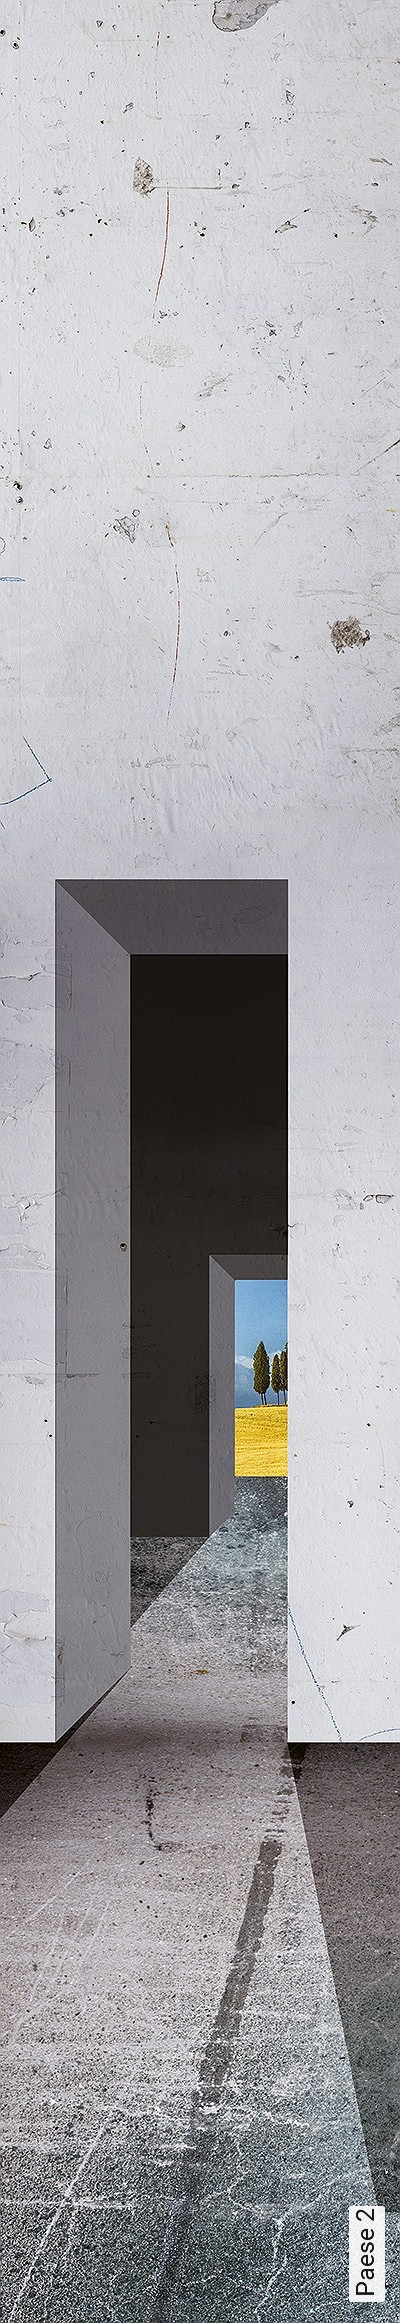 Paese-2-Landschaft-Moderne-Muster-Grau-Anthrazit-Hellblau